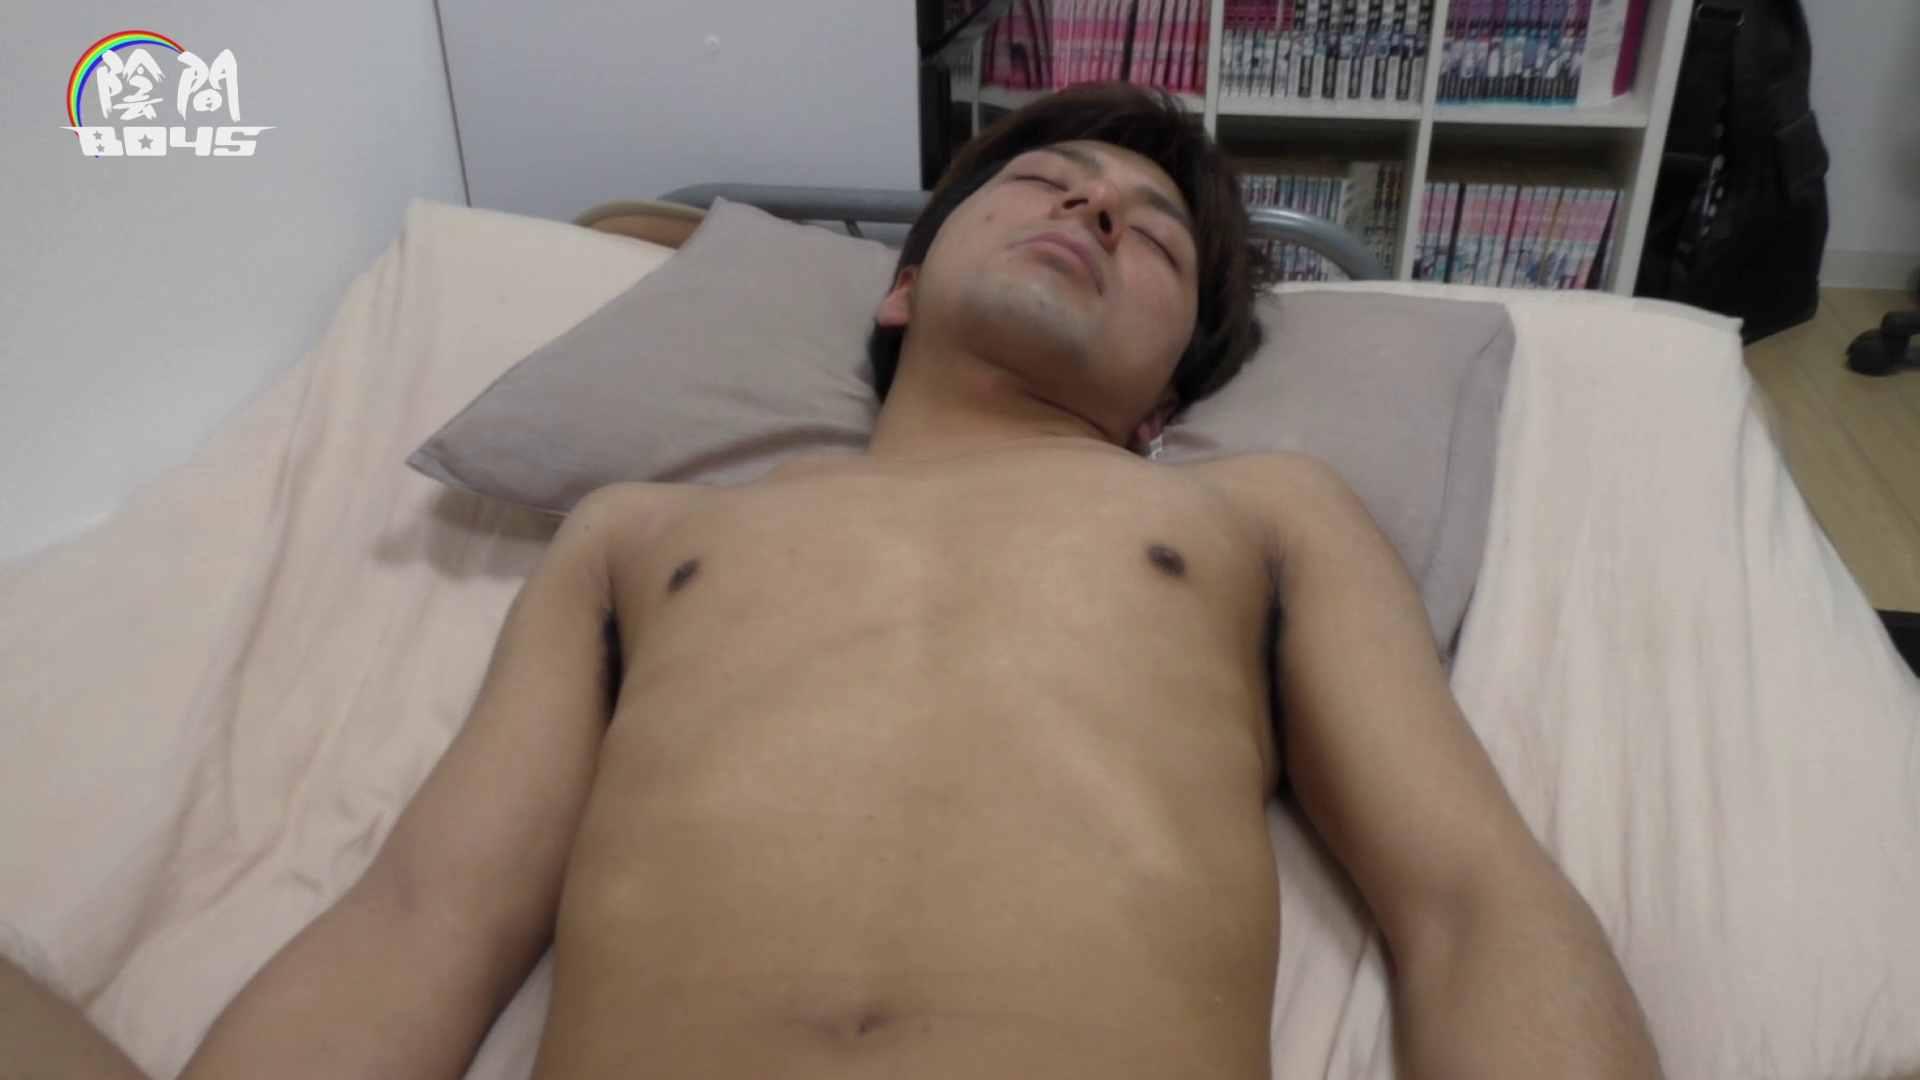 アナルは決して眠らない No.06 オナニー専門男子 ゲイエロビデオ画像 85画像 46